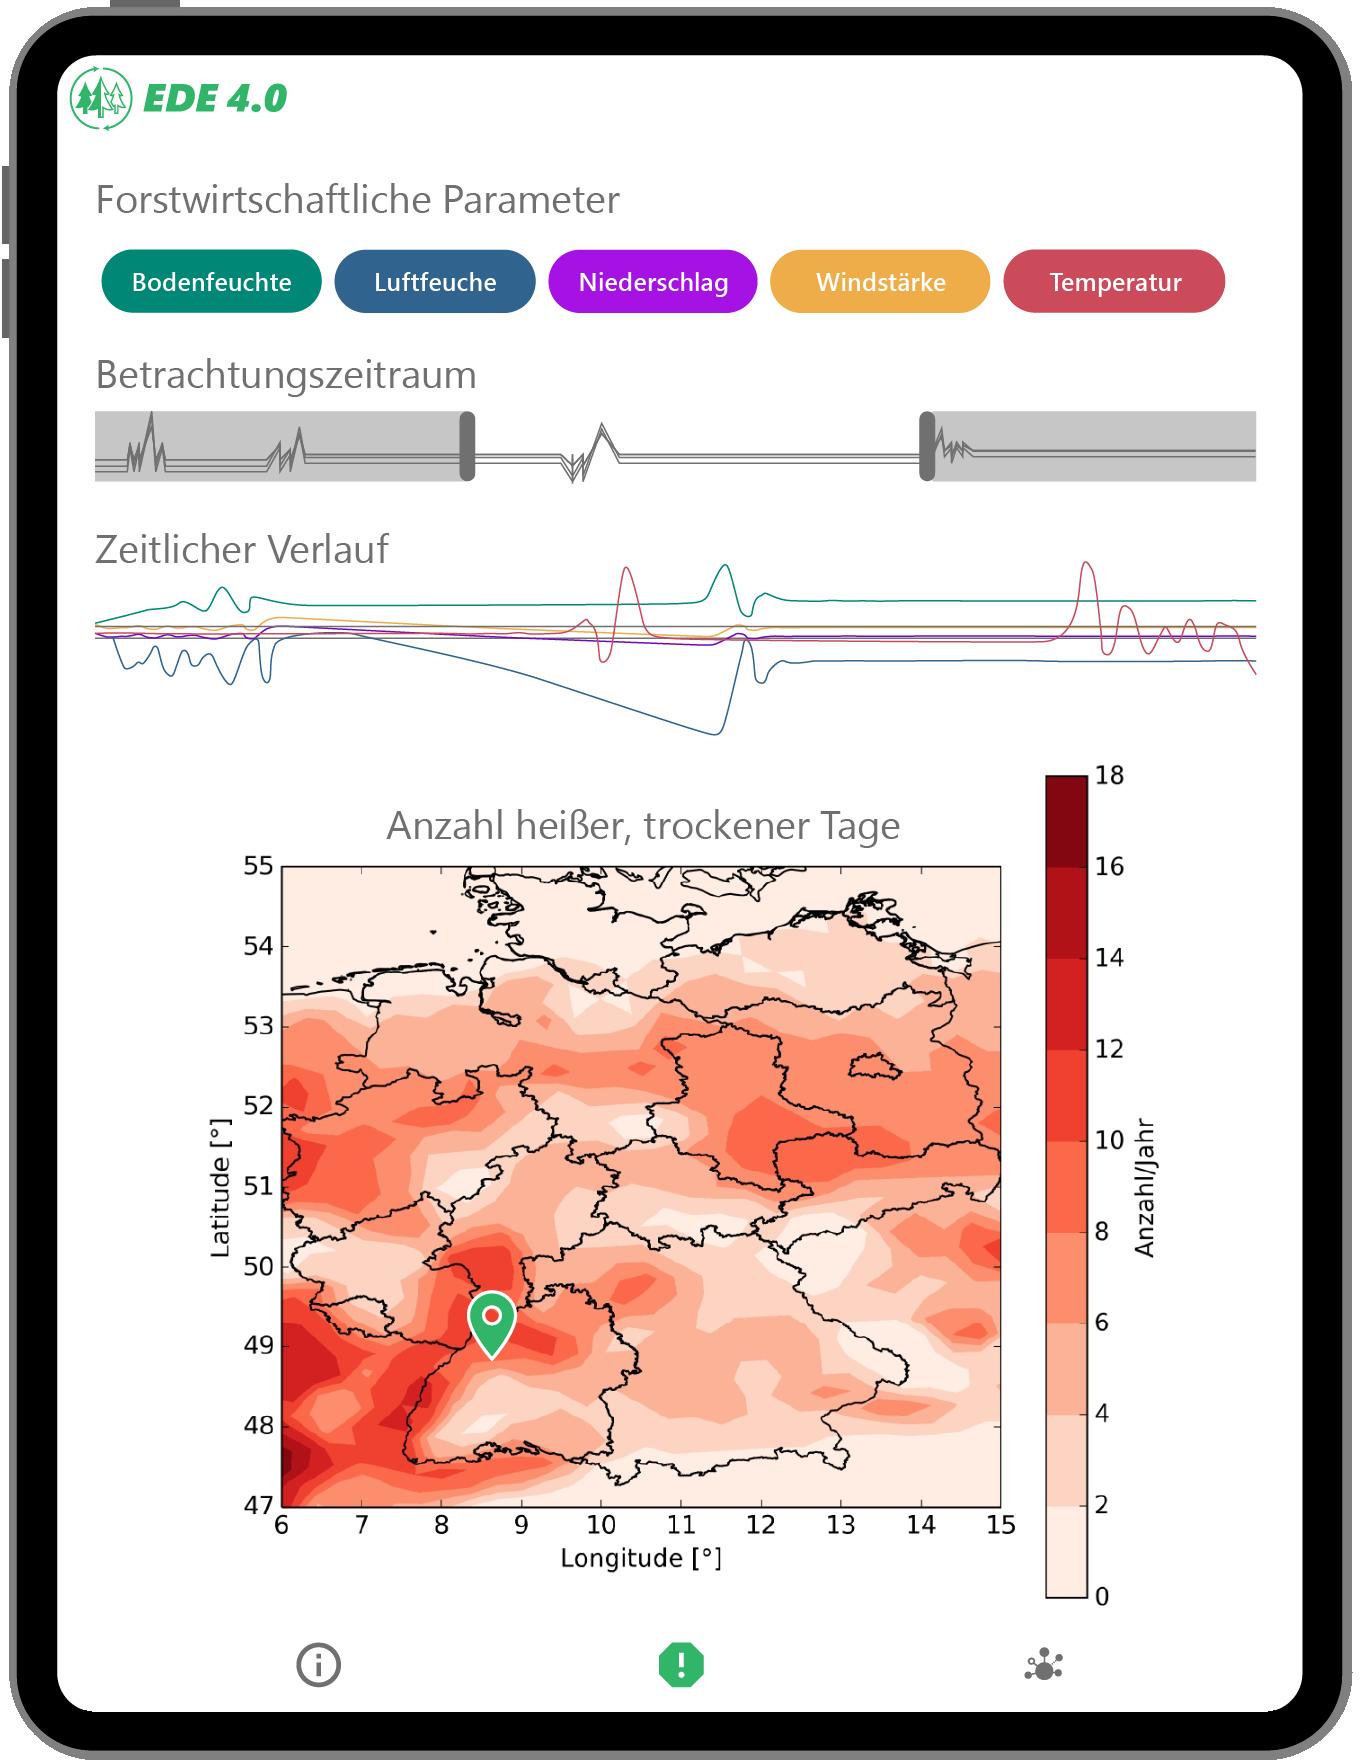 UI - Heatmap